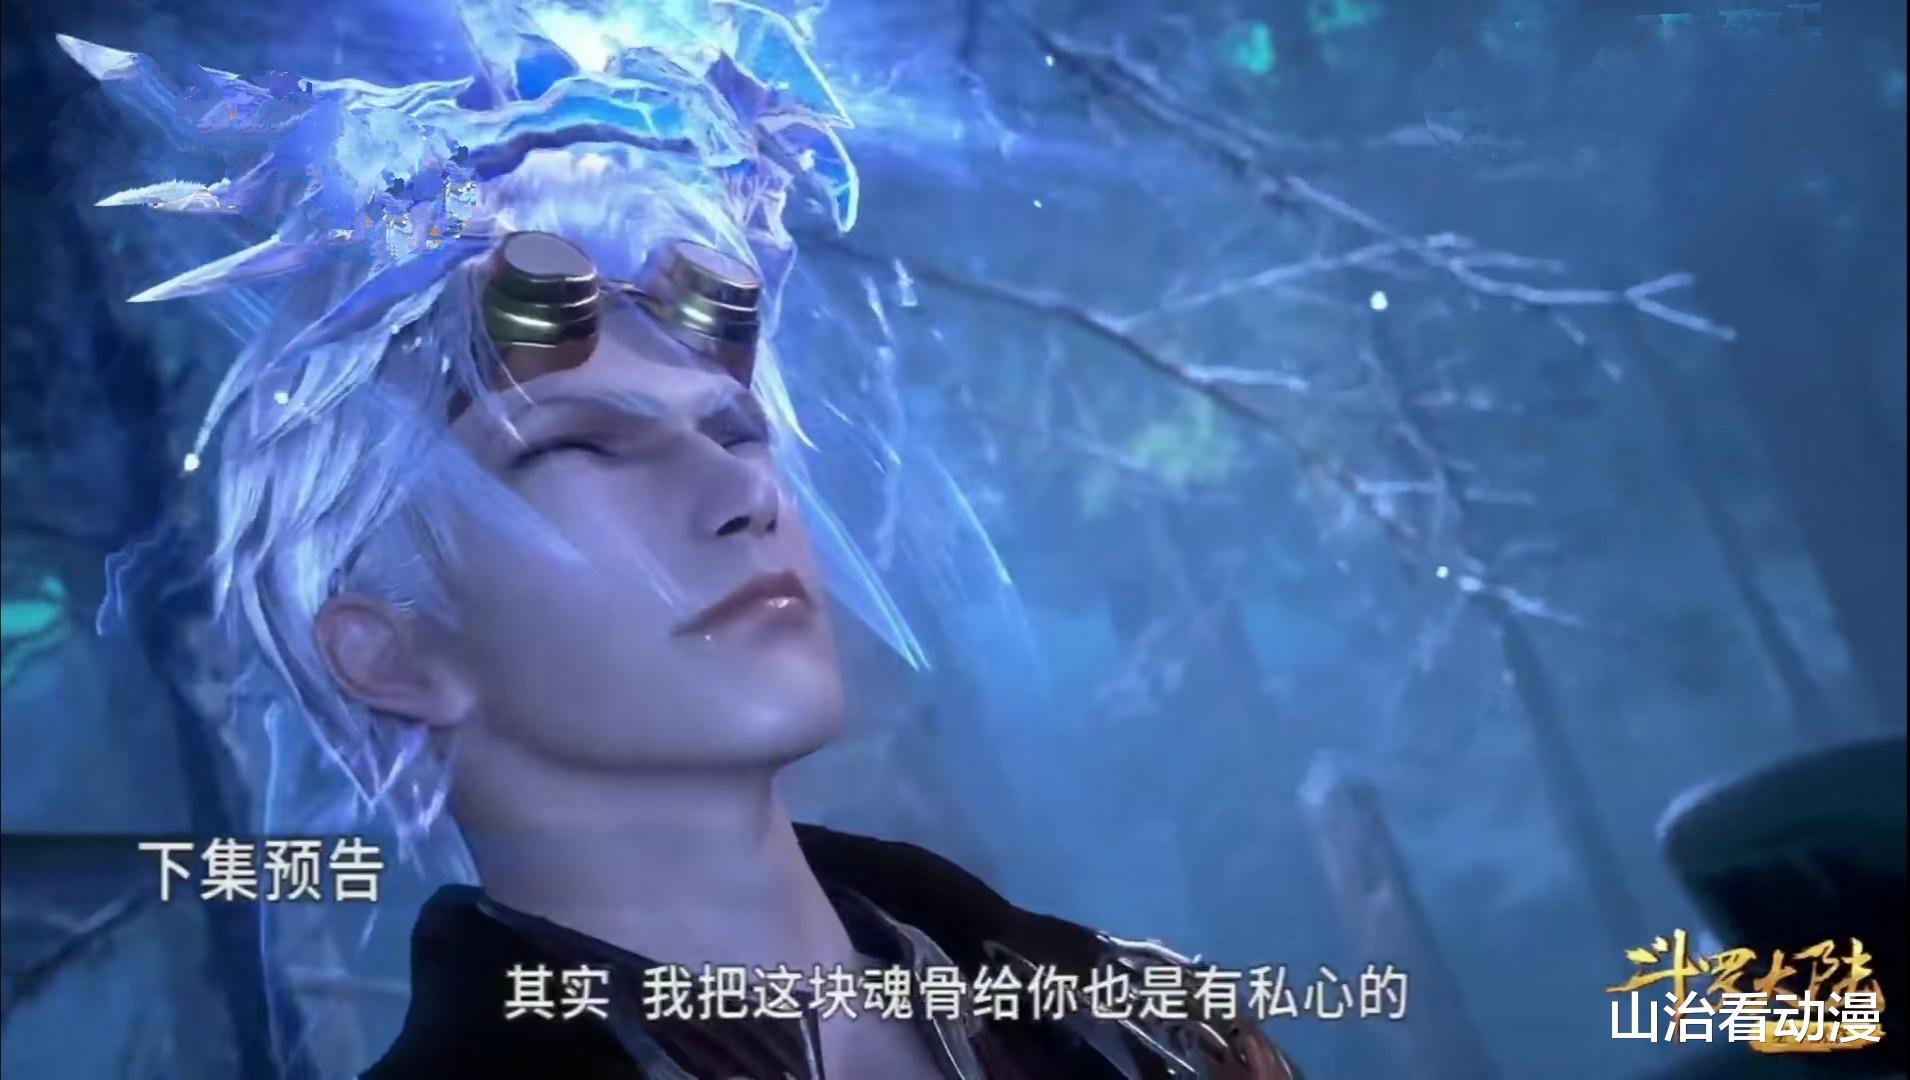 鬥羅: 奧斯卡獲得鏡像獸魂骨, 五怪對戰兩名魂鬥羅, 趙無極很慘-圖1